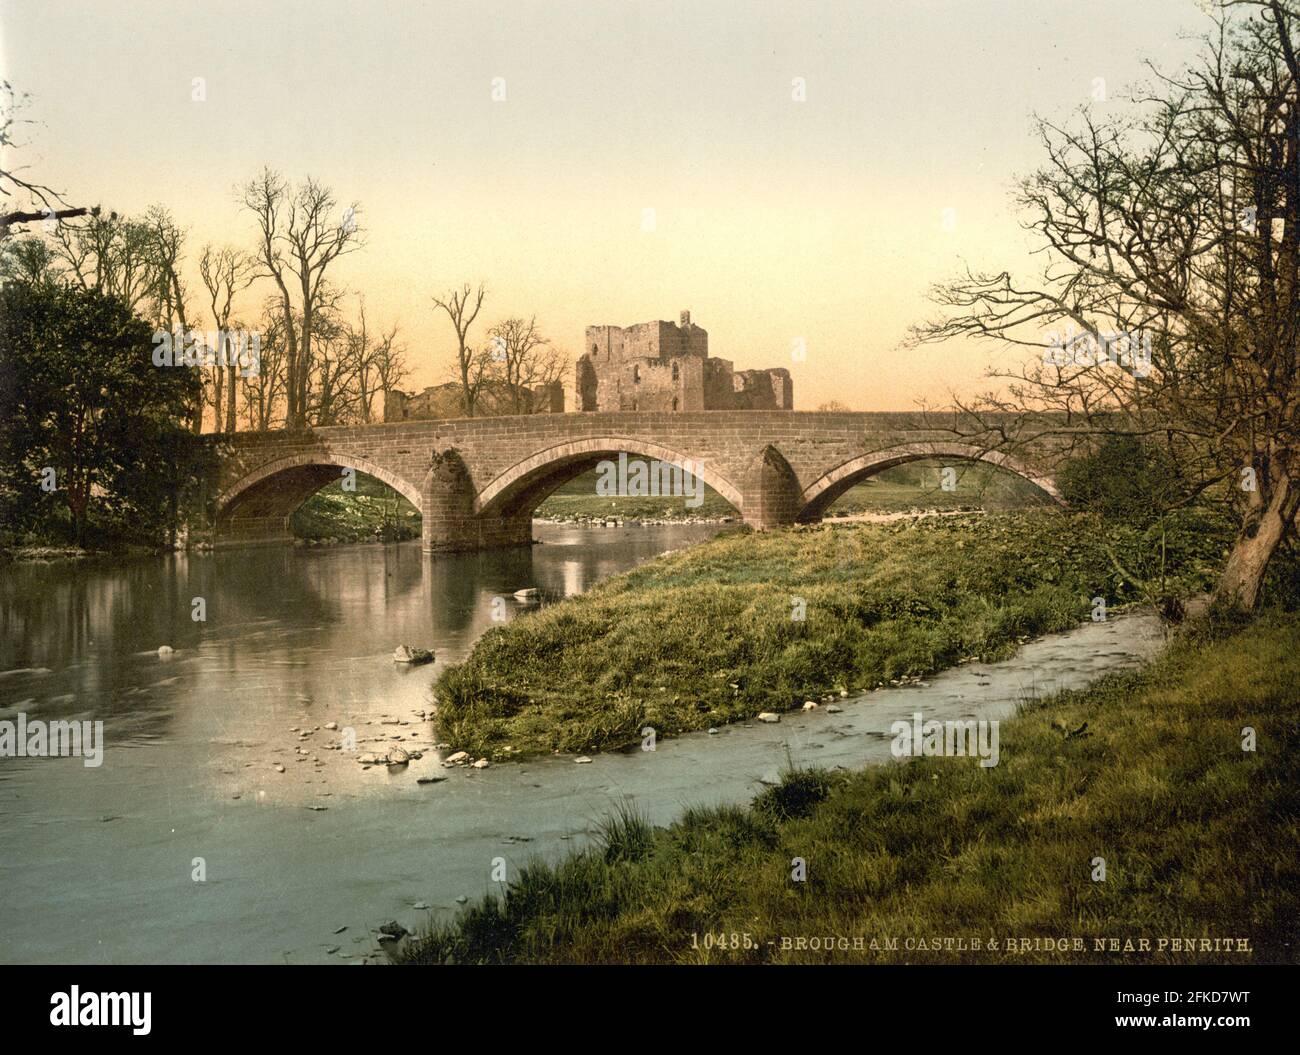 Château de Brougham, pont Eamont et rivière Eamont dans le district des lacs, Cumbria vers 1890-1900 Banque D'Images